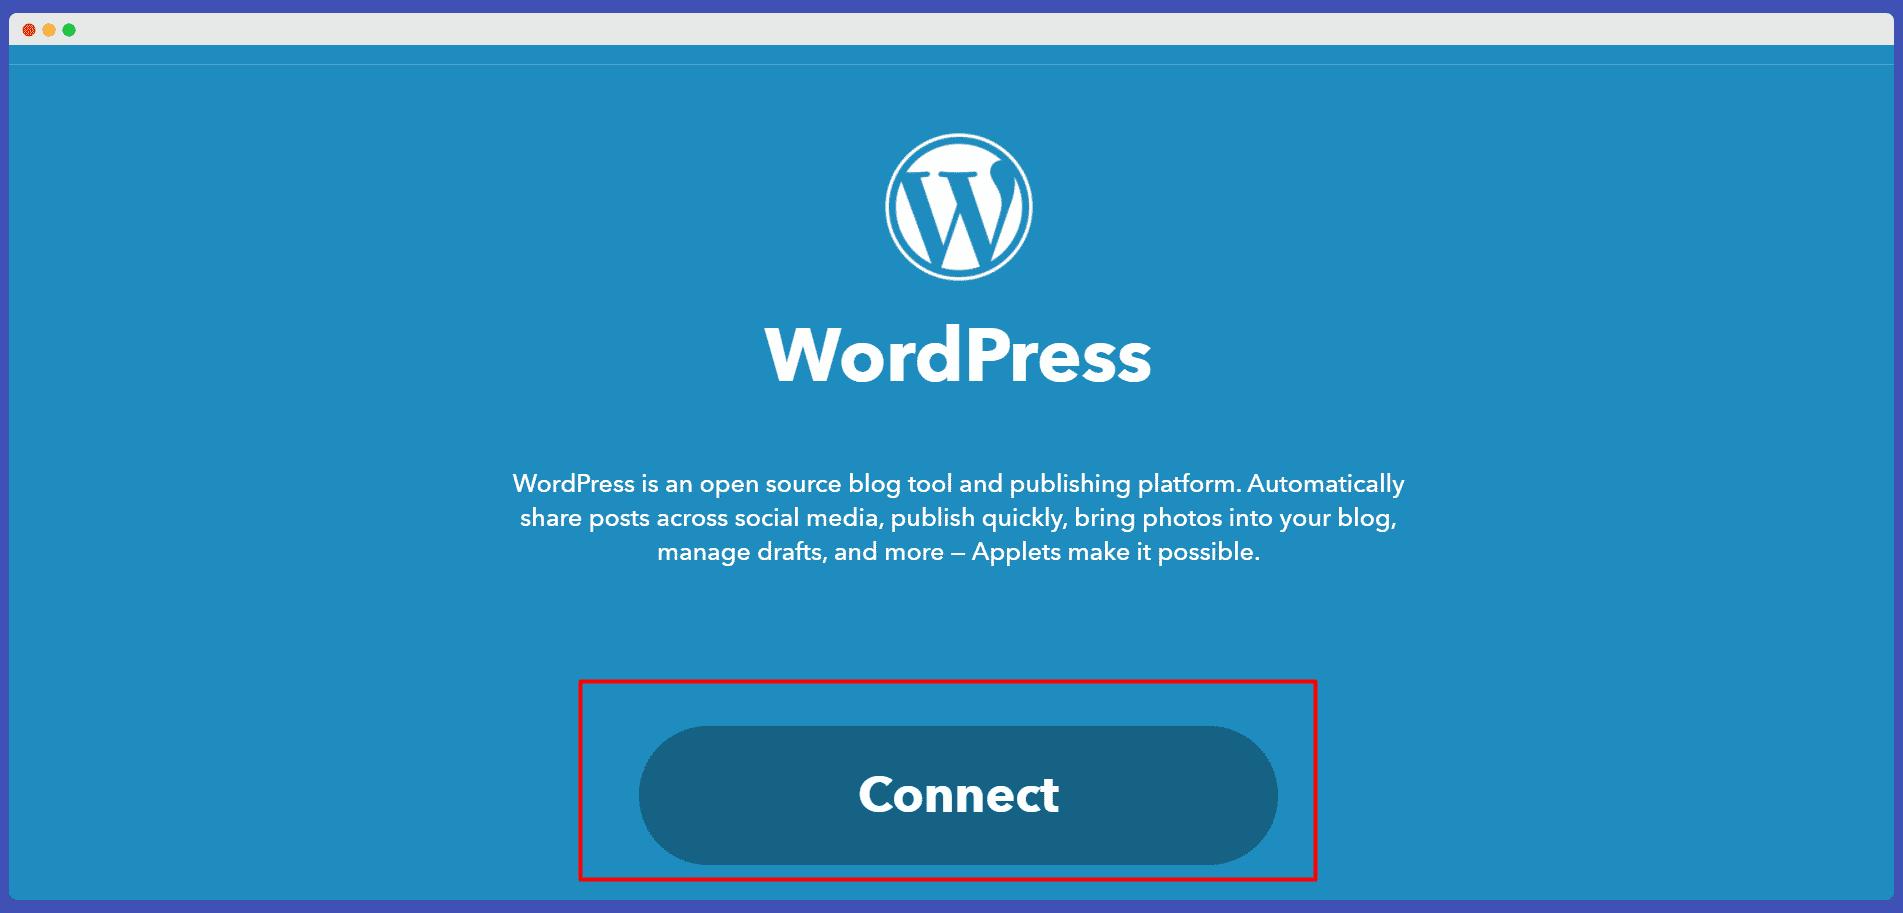 ucuncu parti program ile wordpress hesabı baglama